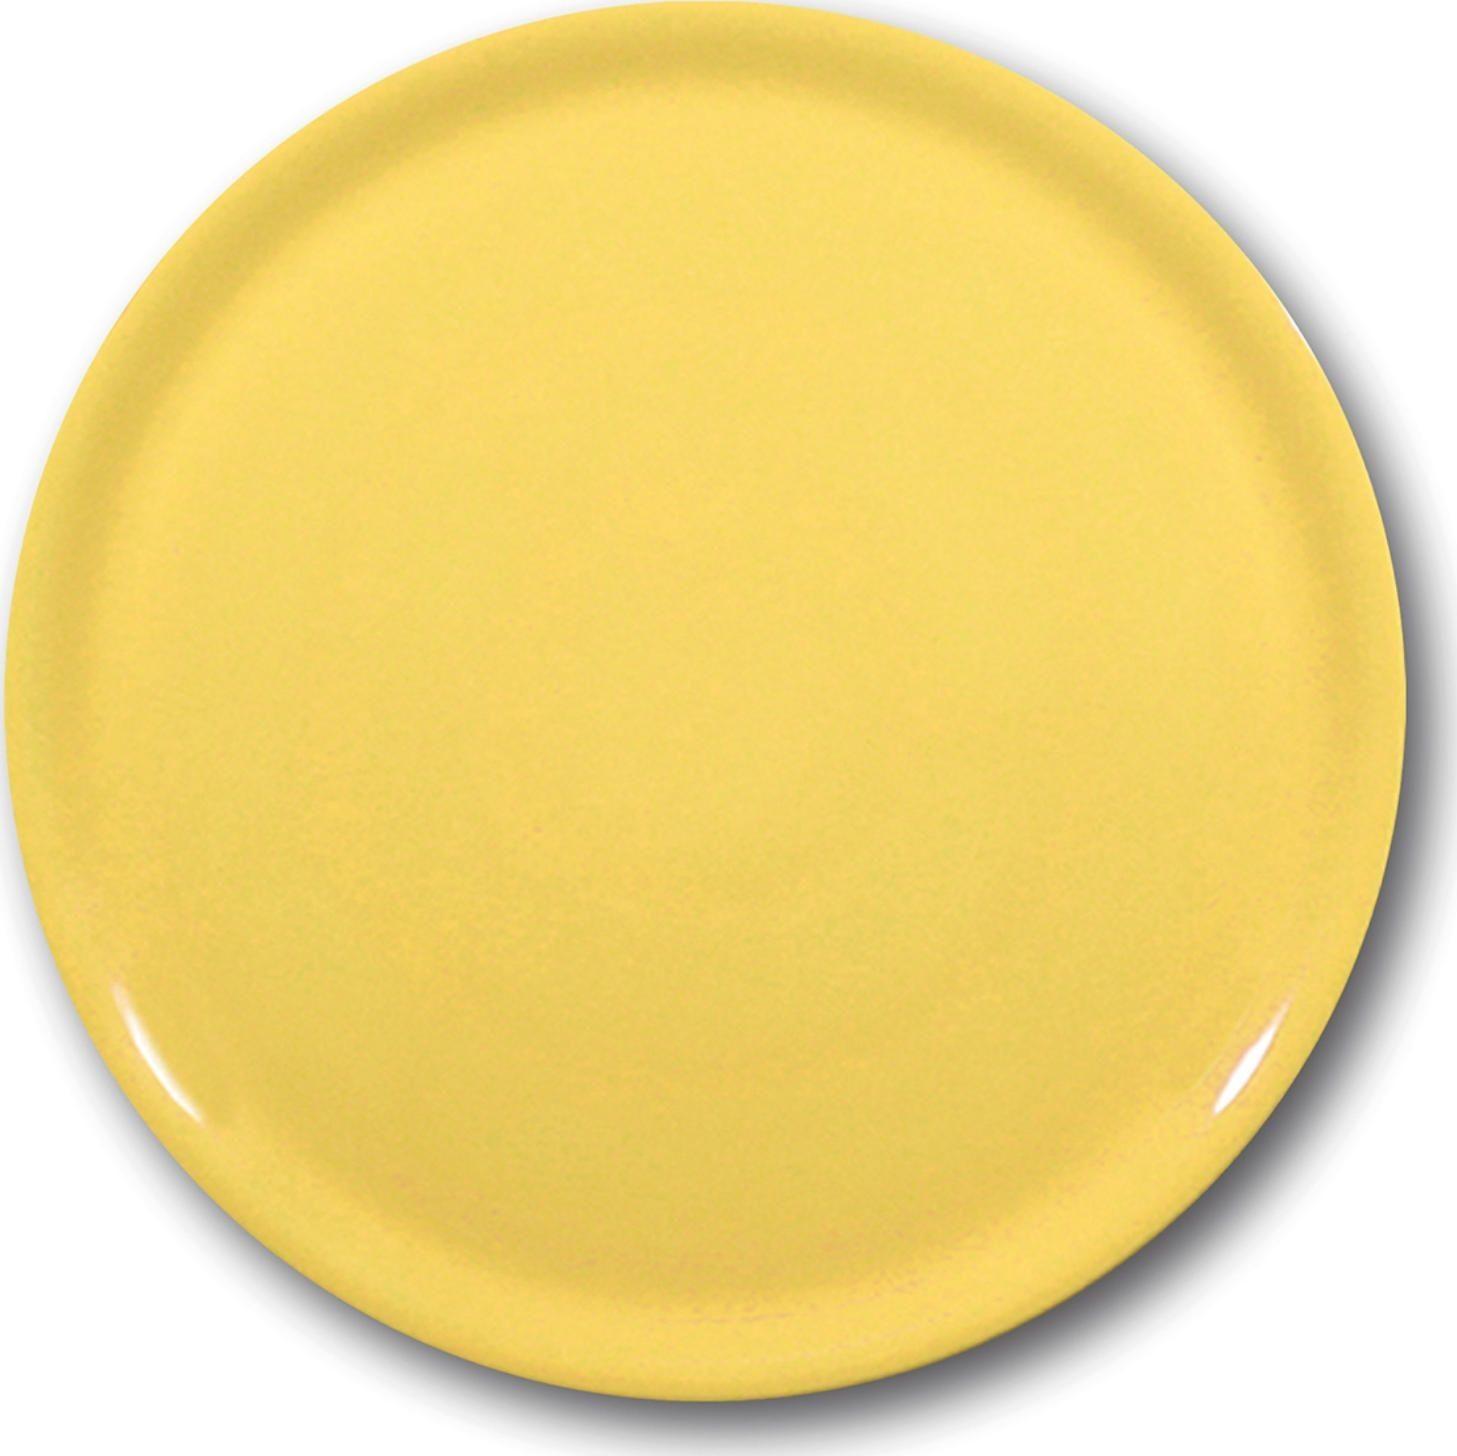 Talerz do pizzy Speciale żółty